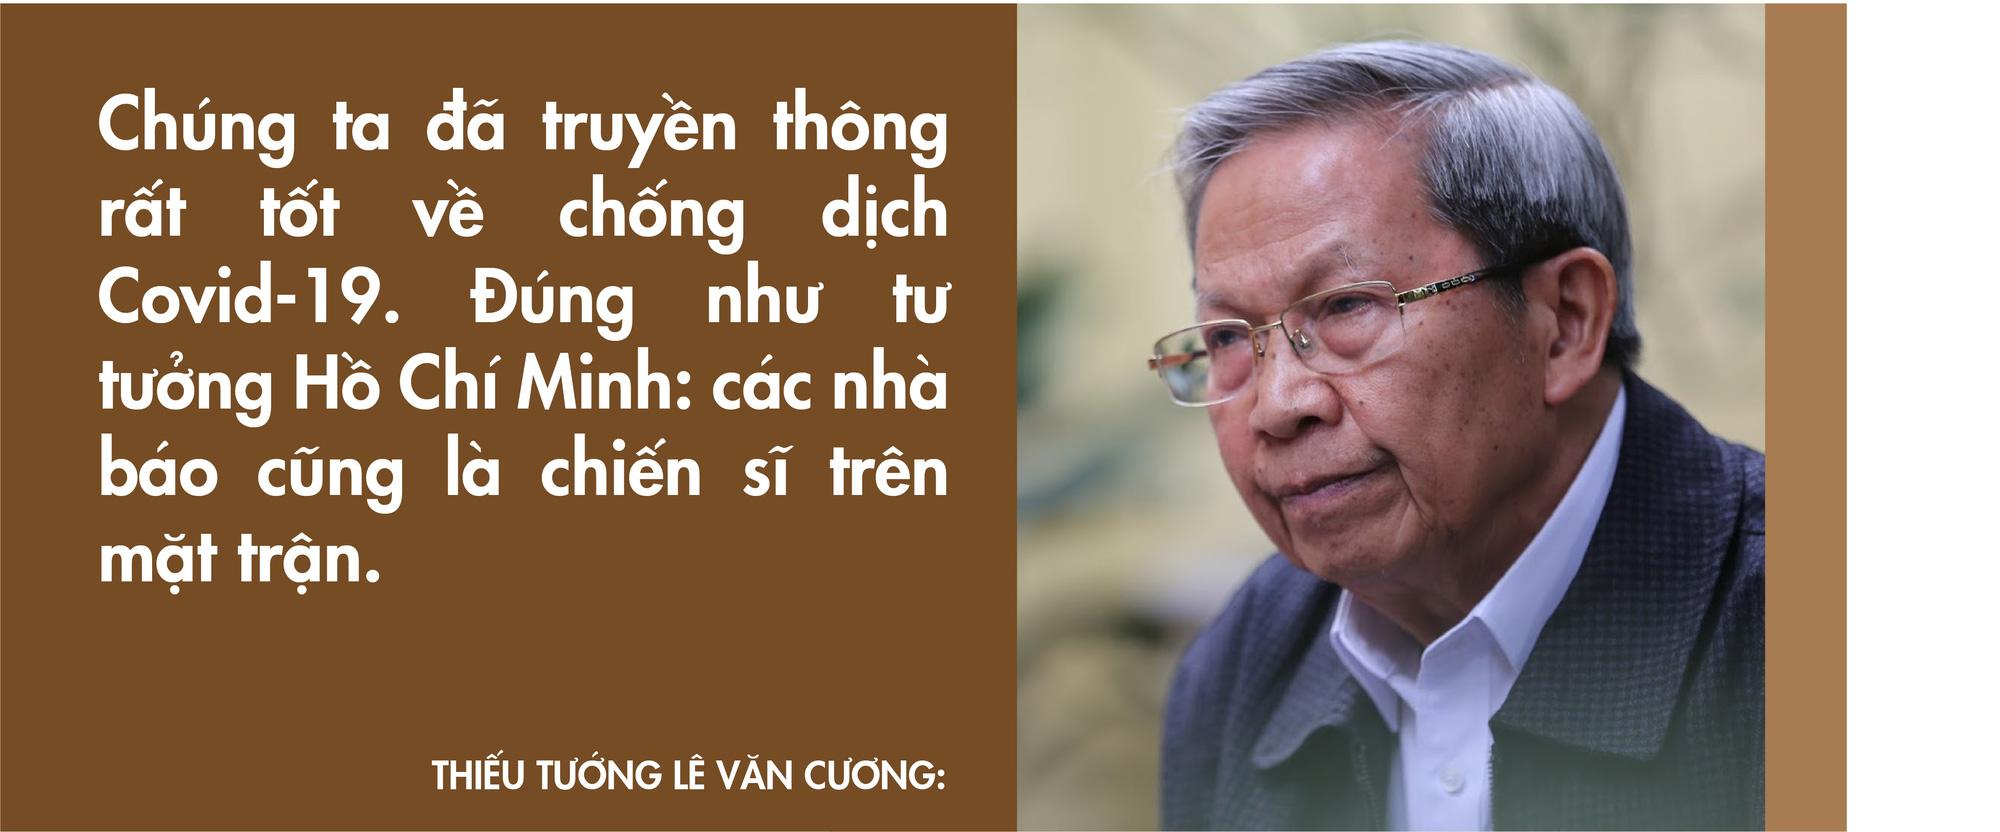 """Thiếu tướng Lê Văn Cương: Chống giặc ngoại xâm cam go, chống """"giặc dịch"""" cũng đầy khó khăn, thử thách   - Ảnh 3."""